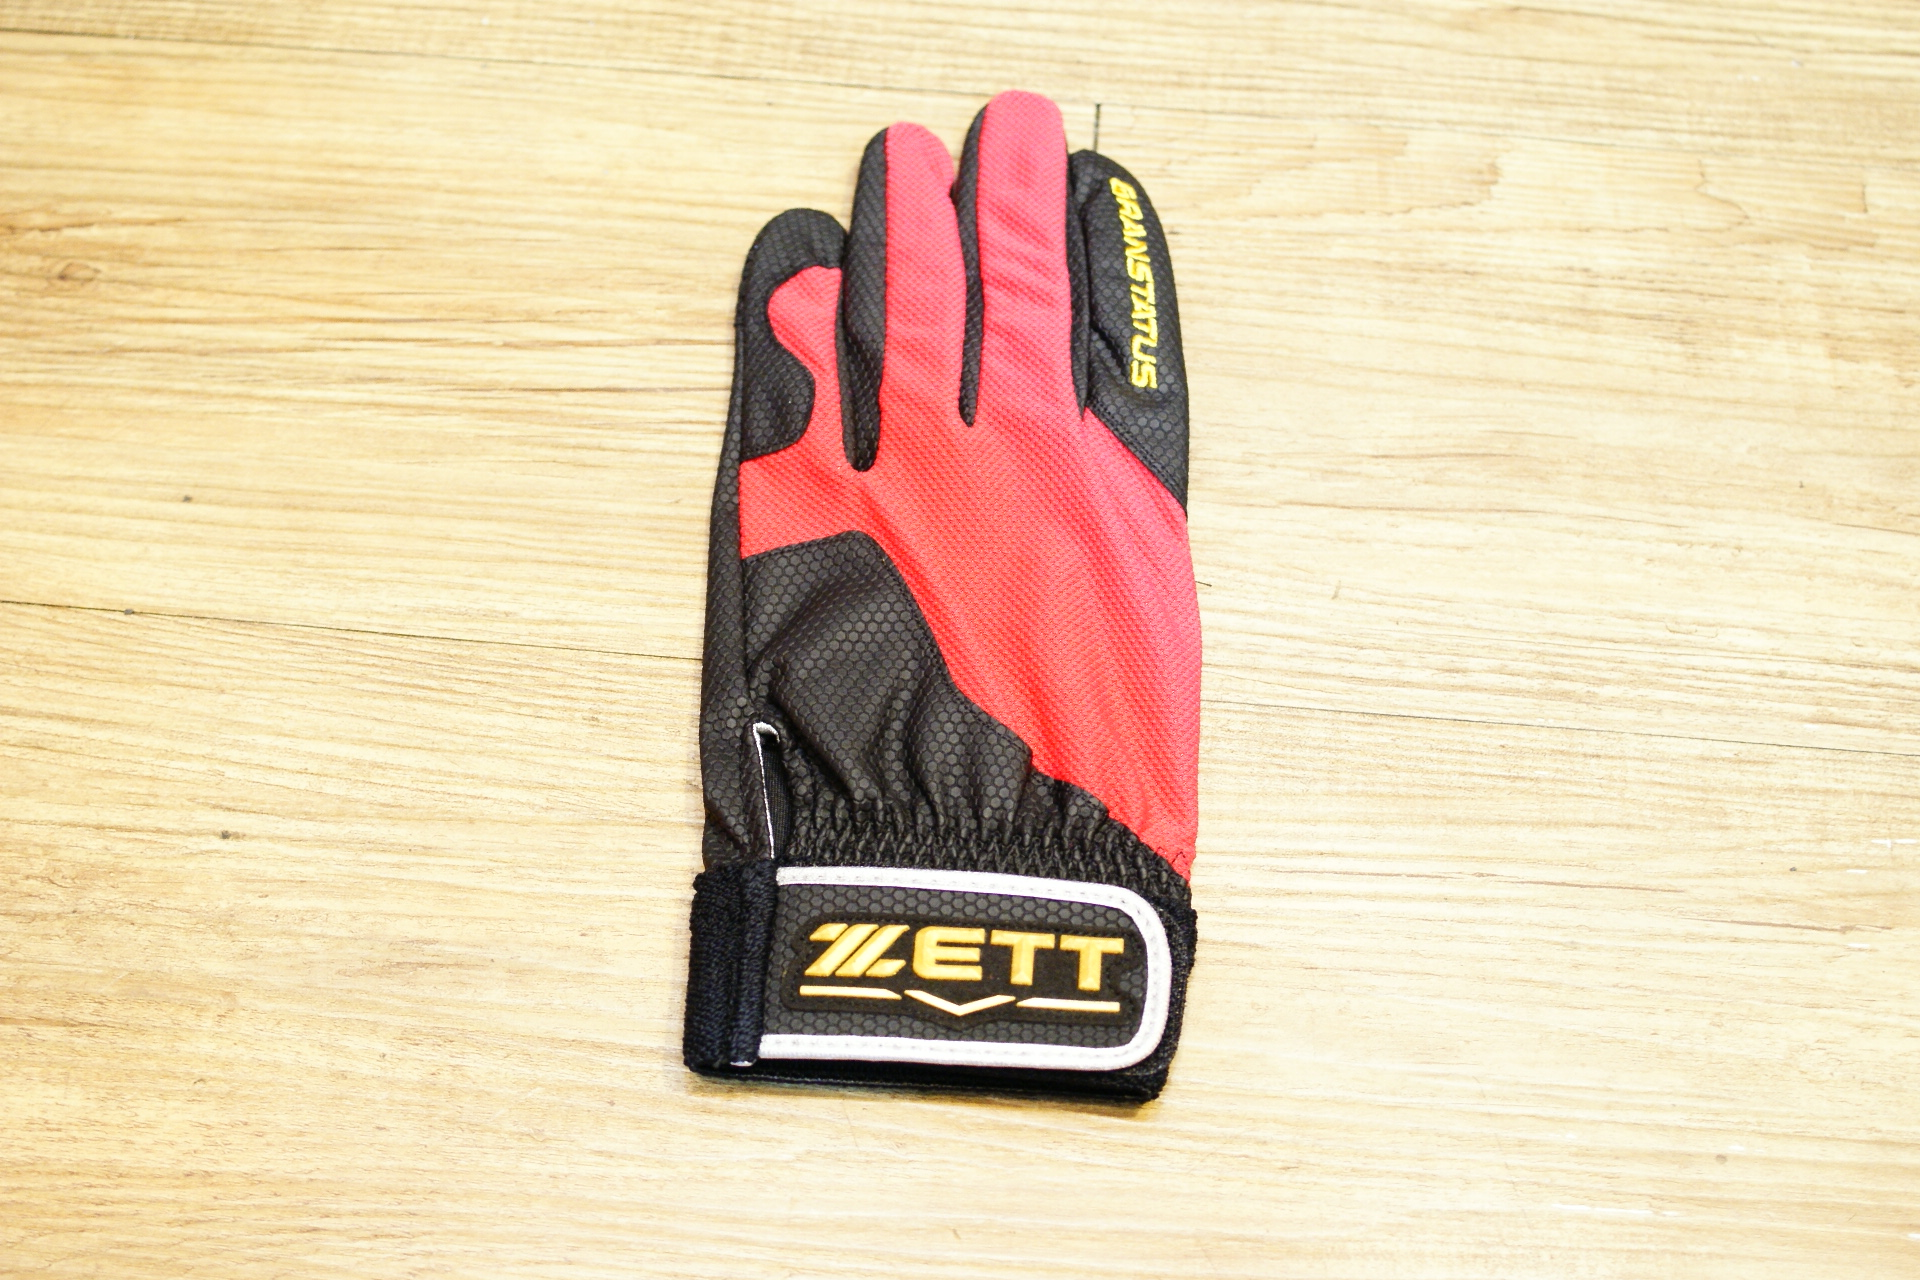 棒球世界 16年ZETT本壘版標全新配色款守備手套 特價 掌面止滑新設計/黑紅配色/